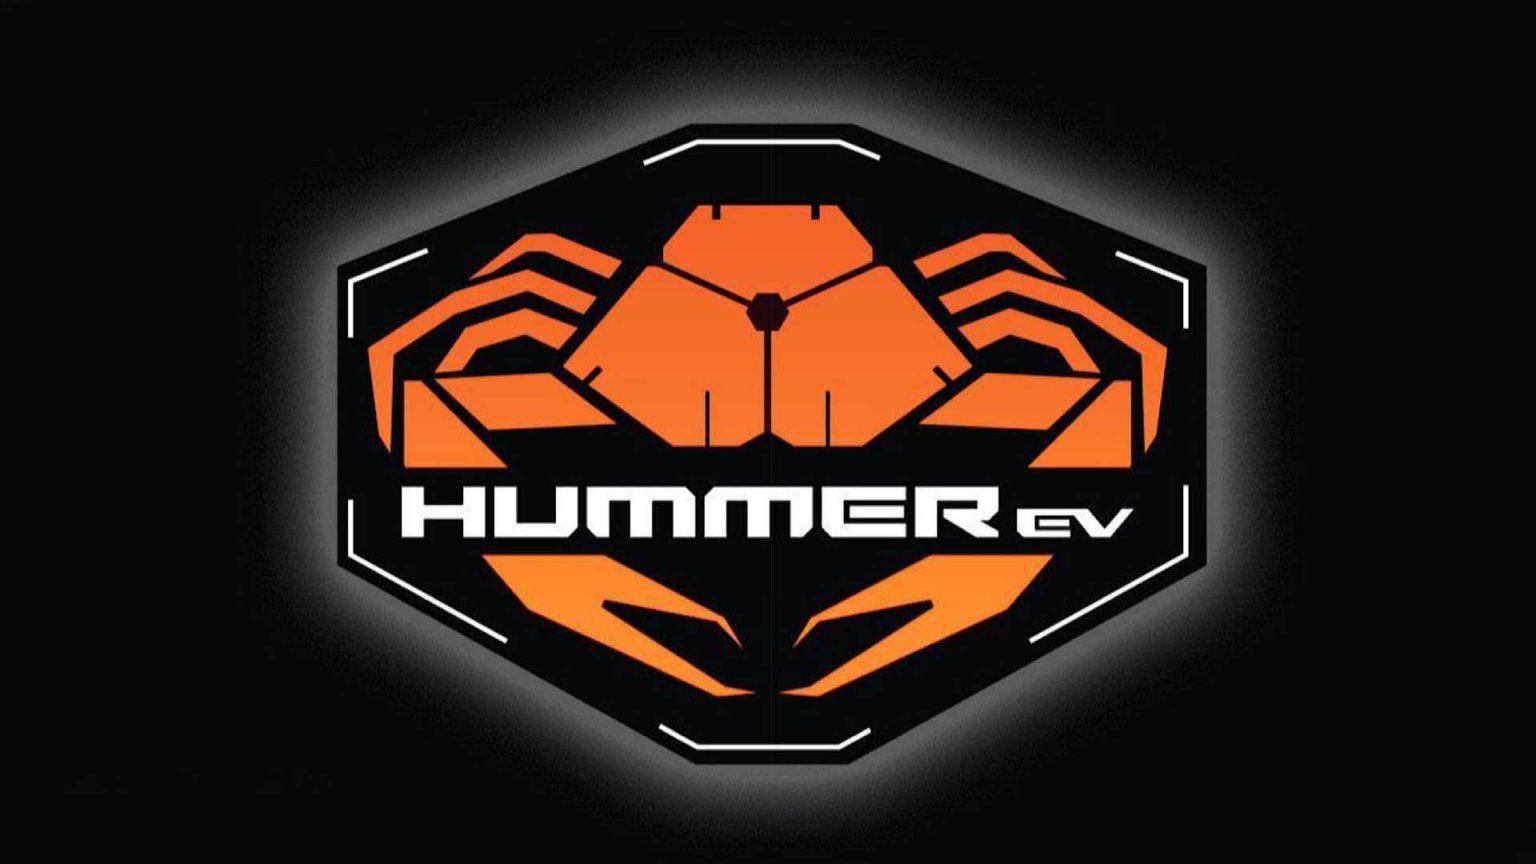 شعار هامر الكهربائية الجديدة